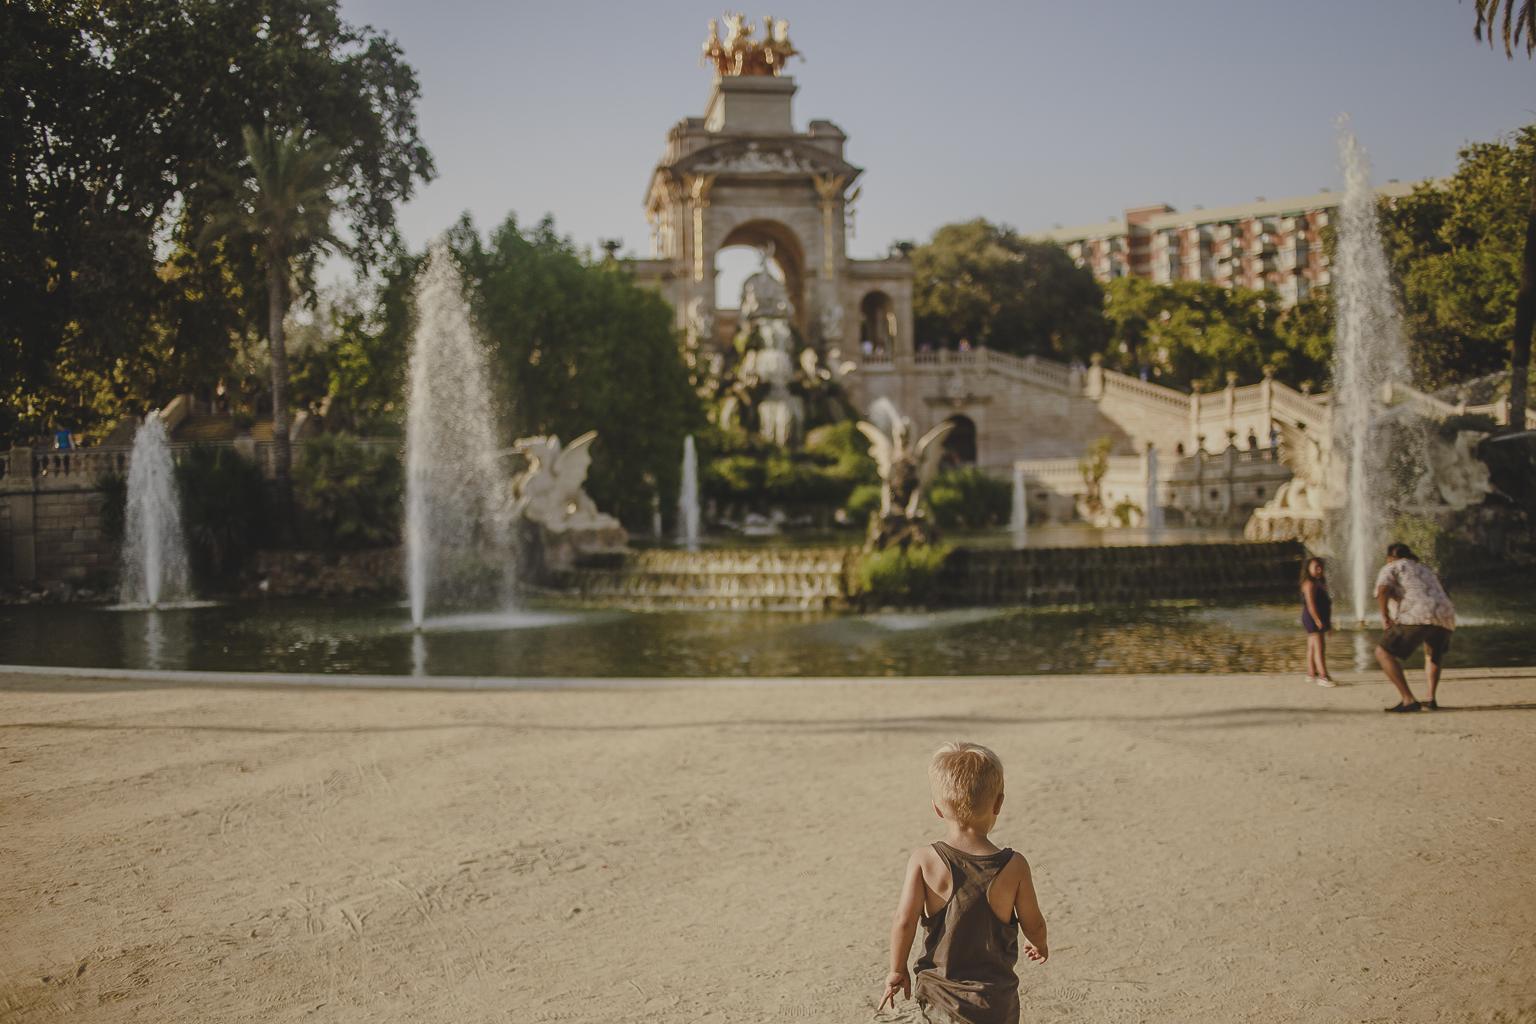 fotógrafo de familia :: fotógrafo familiar :: fotografía de familia Barcelona :: Parc de la Ciutadella